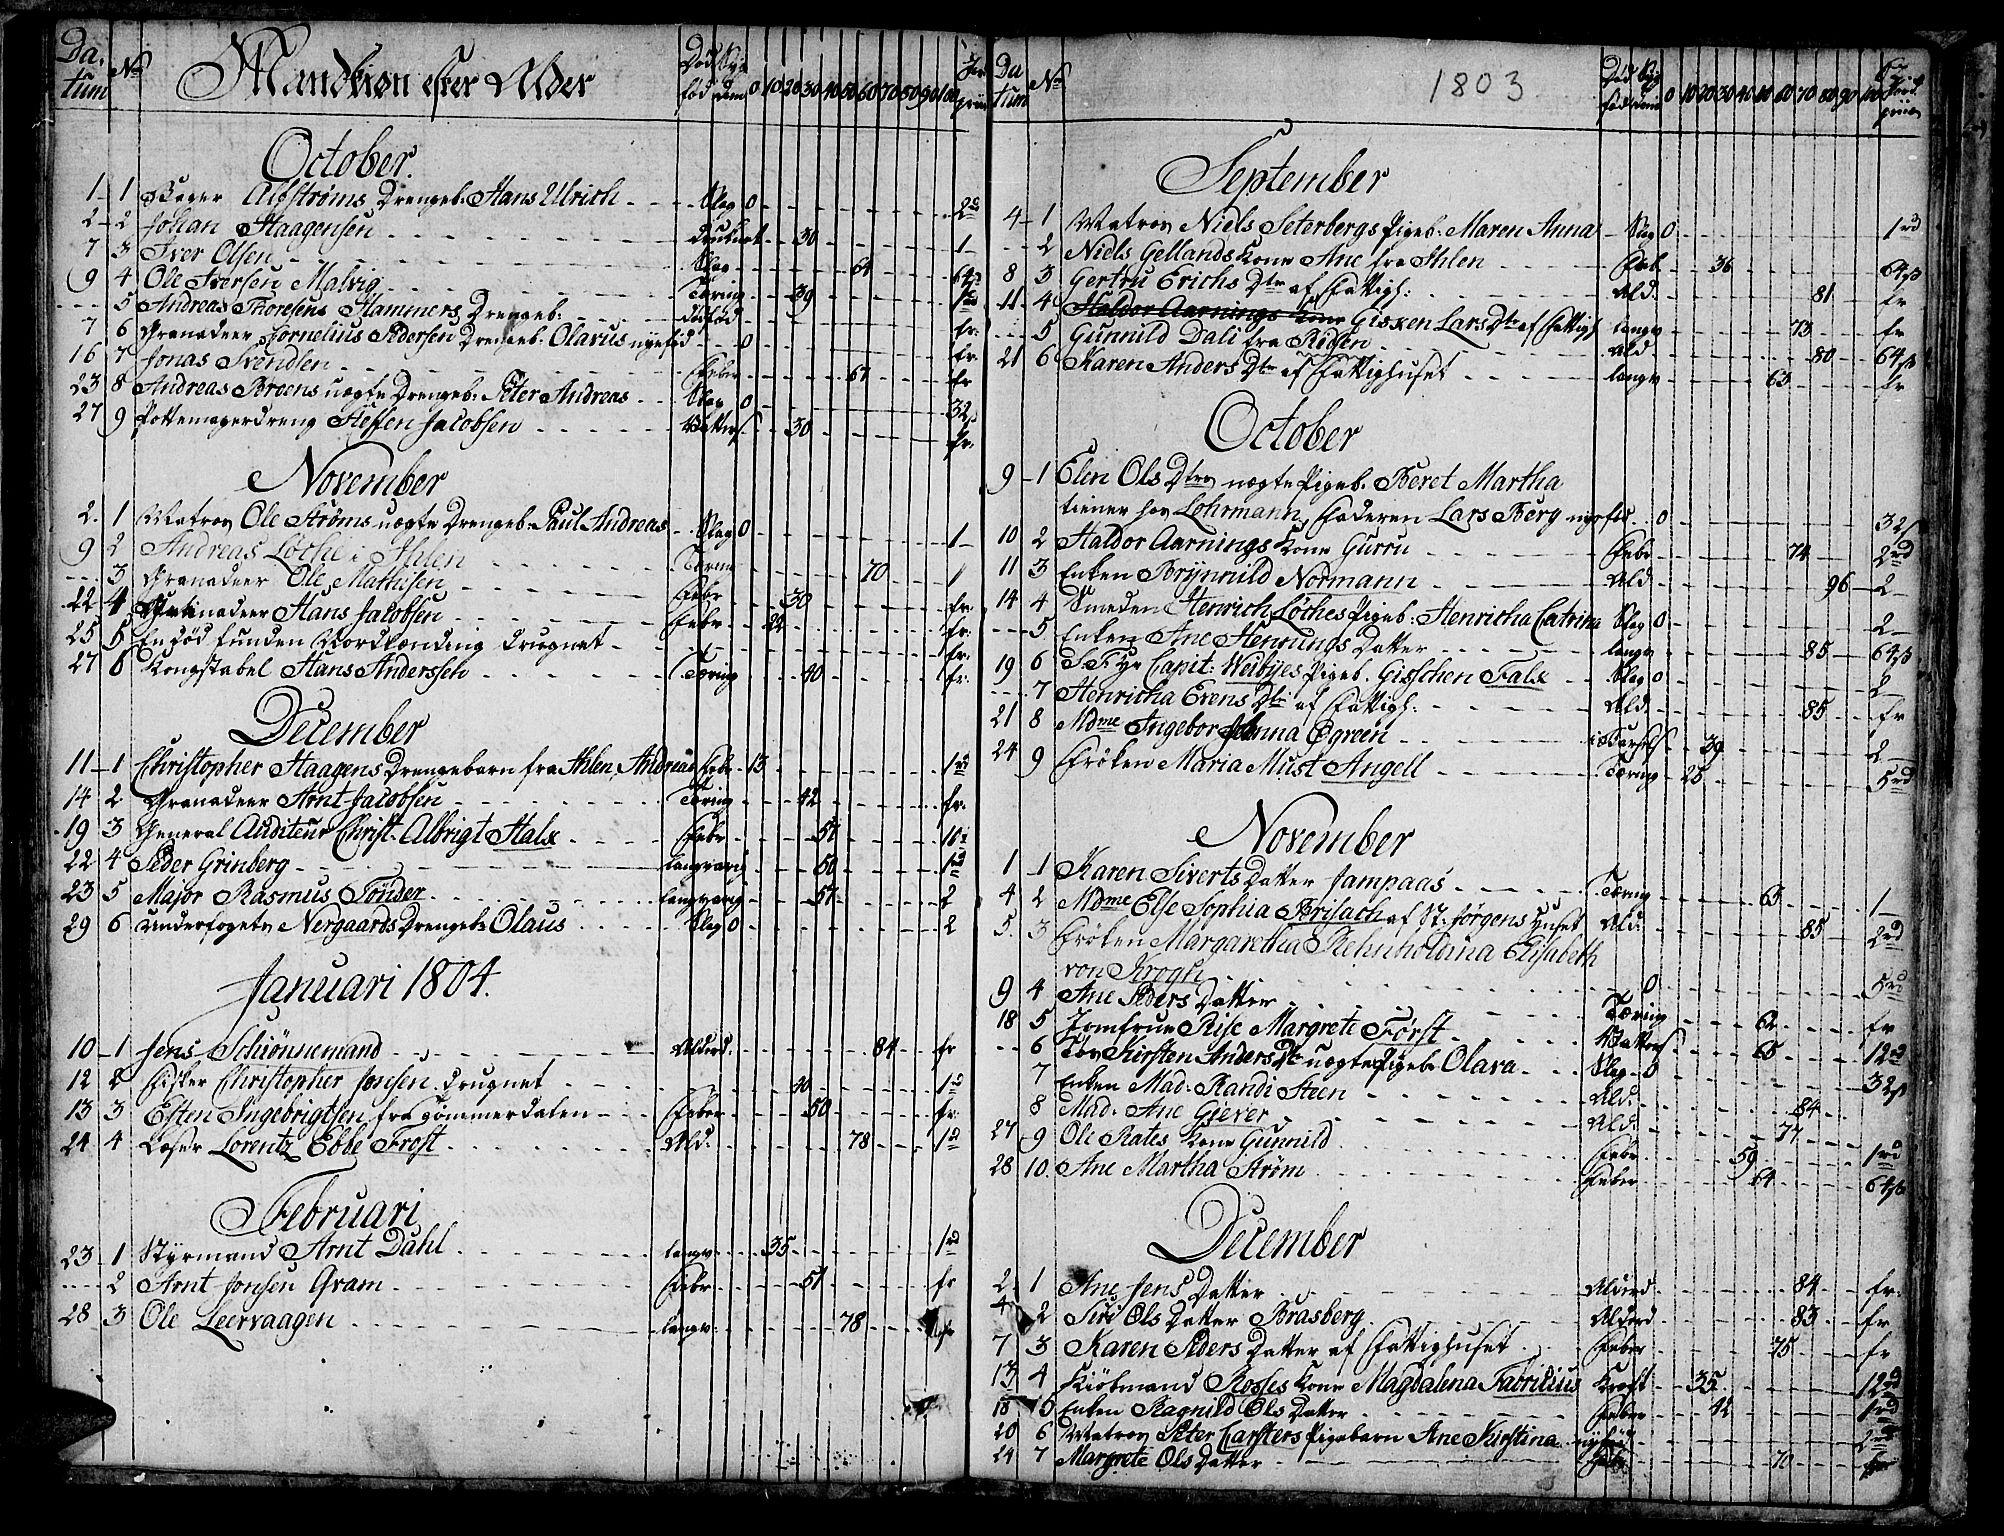 SAT, Ministerialprotokoller, klokkerbøker og fødselsregistre - Sør-Trøndelag, 601/L0040: Ministerialbok nr. 601A08, 1783-1818, s. 62